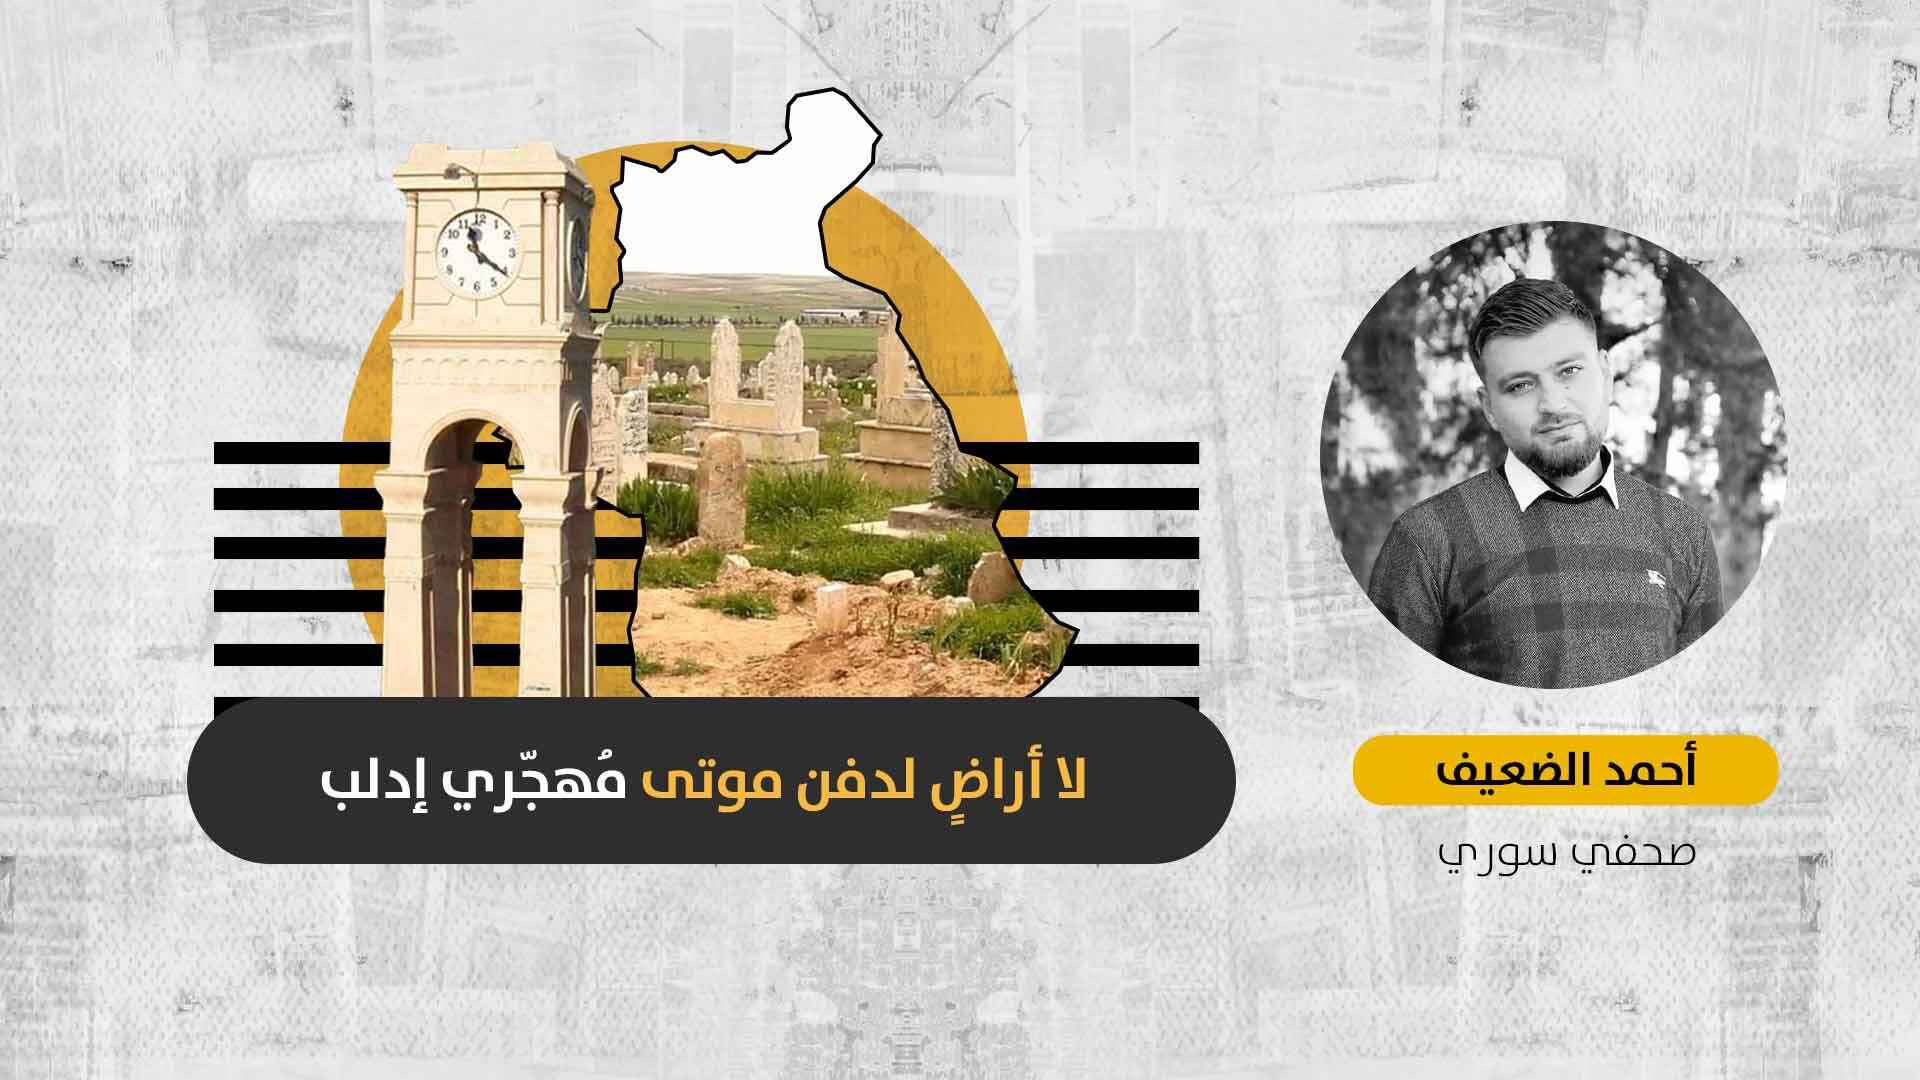 أزمة النزوح في إدلب: لماذا يرفض السّكان المحليون دفن موتى المُهجّرين في مقابرهم؟